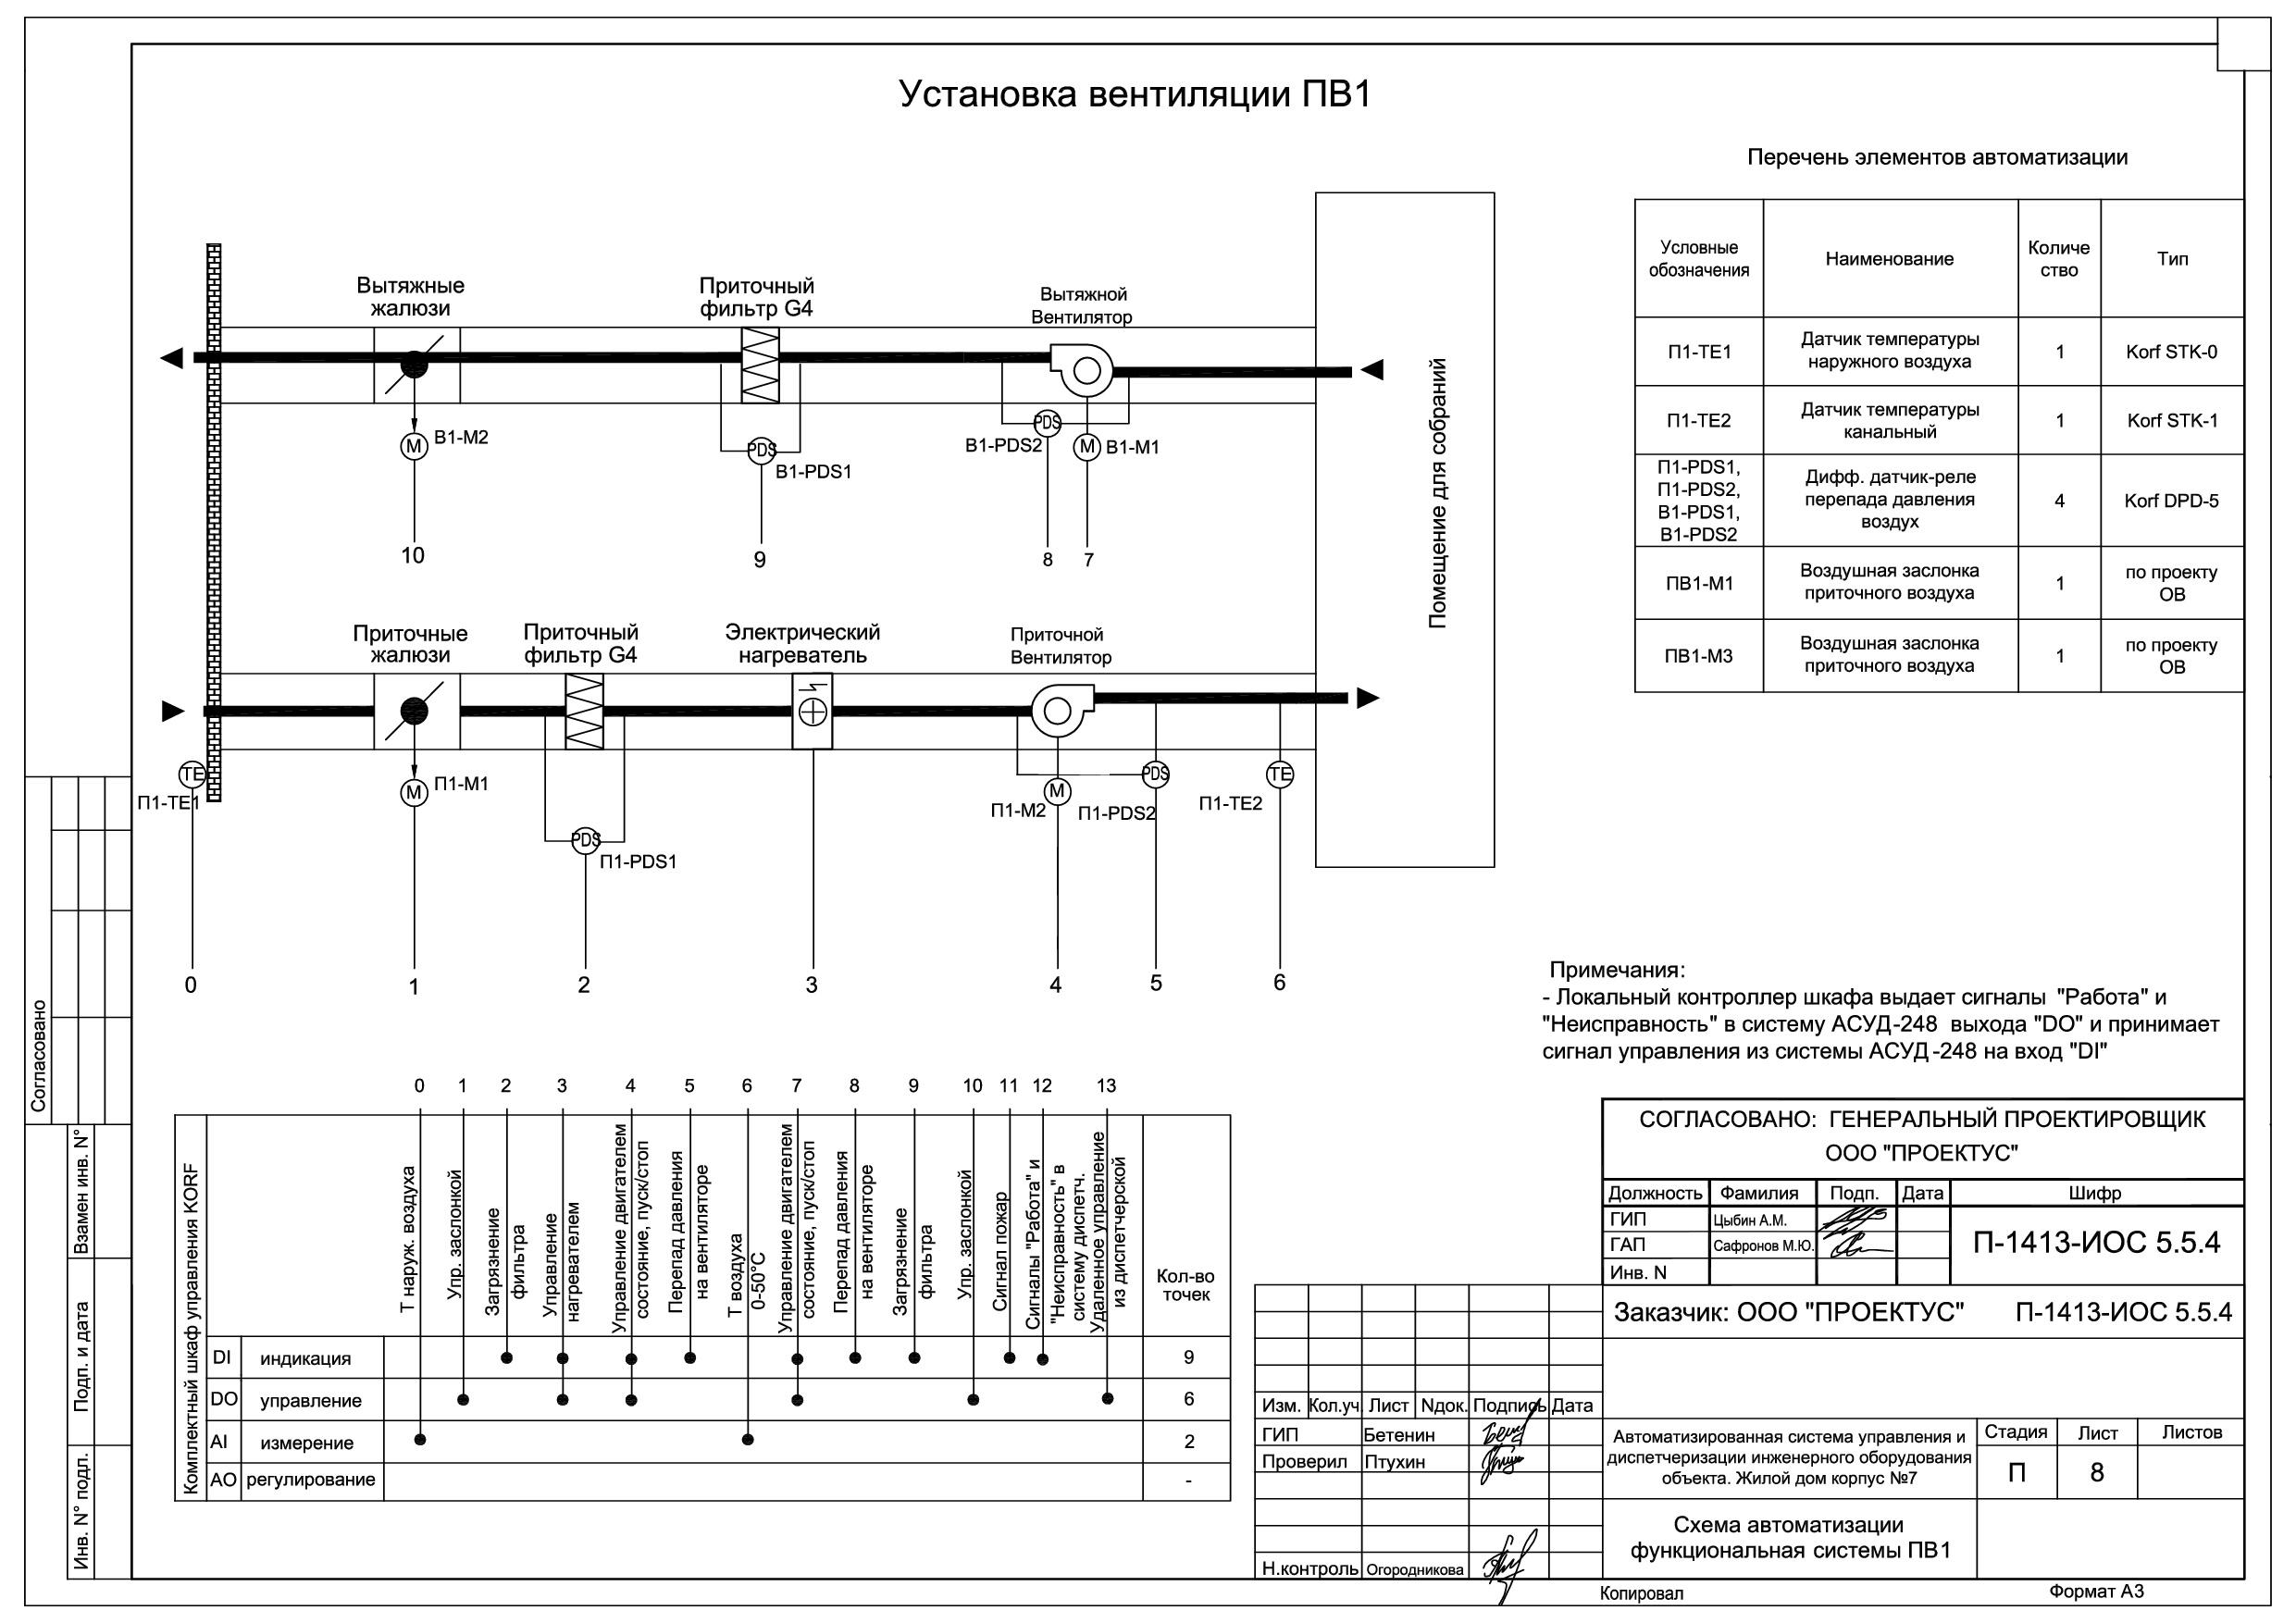 Фото Проектирую инженерные системы и сети с сопровождением в экспертизе и при строительстве 4